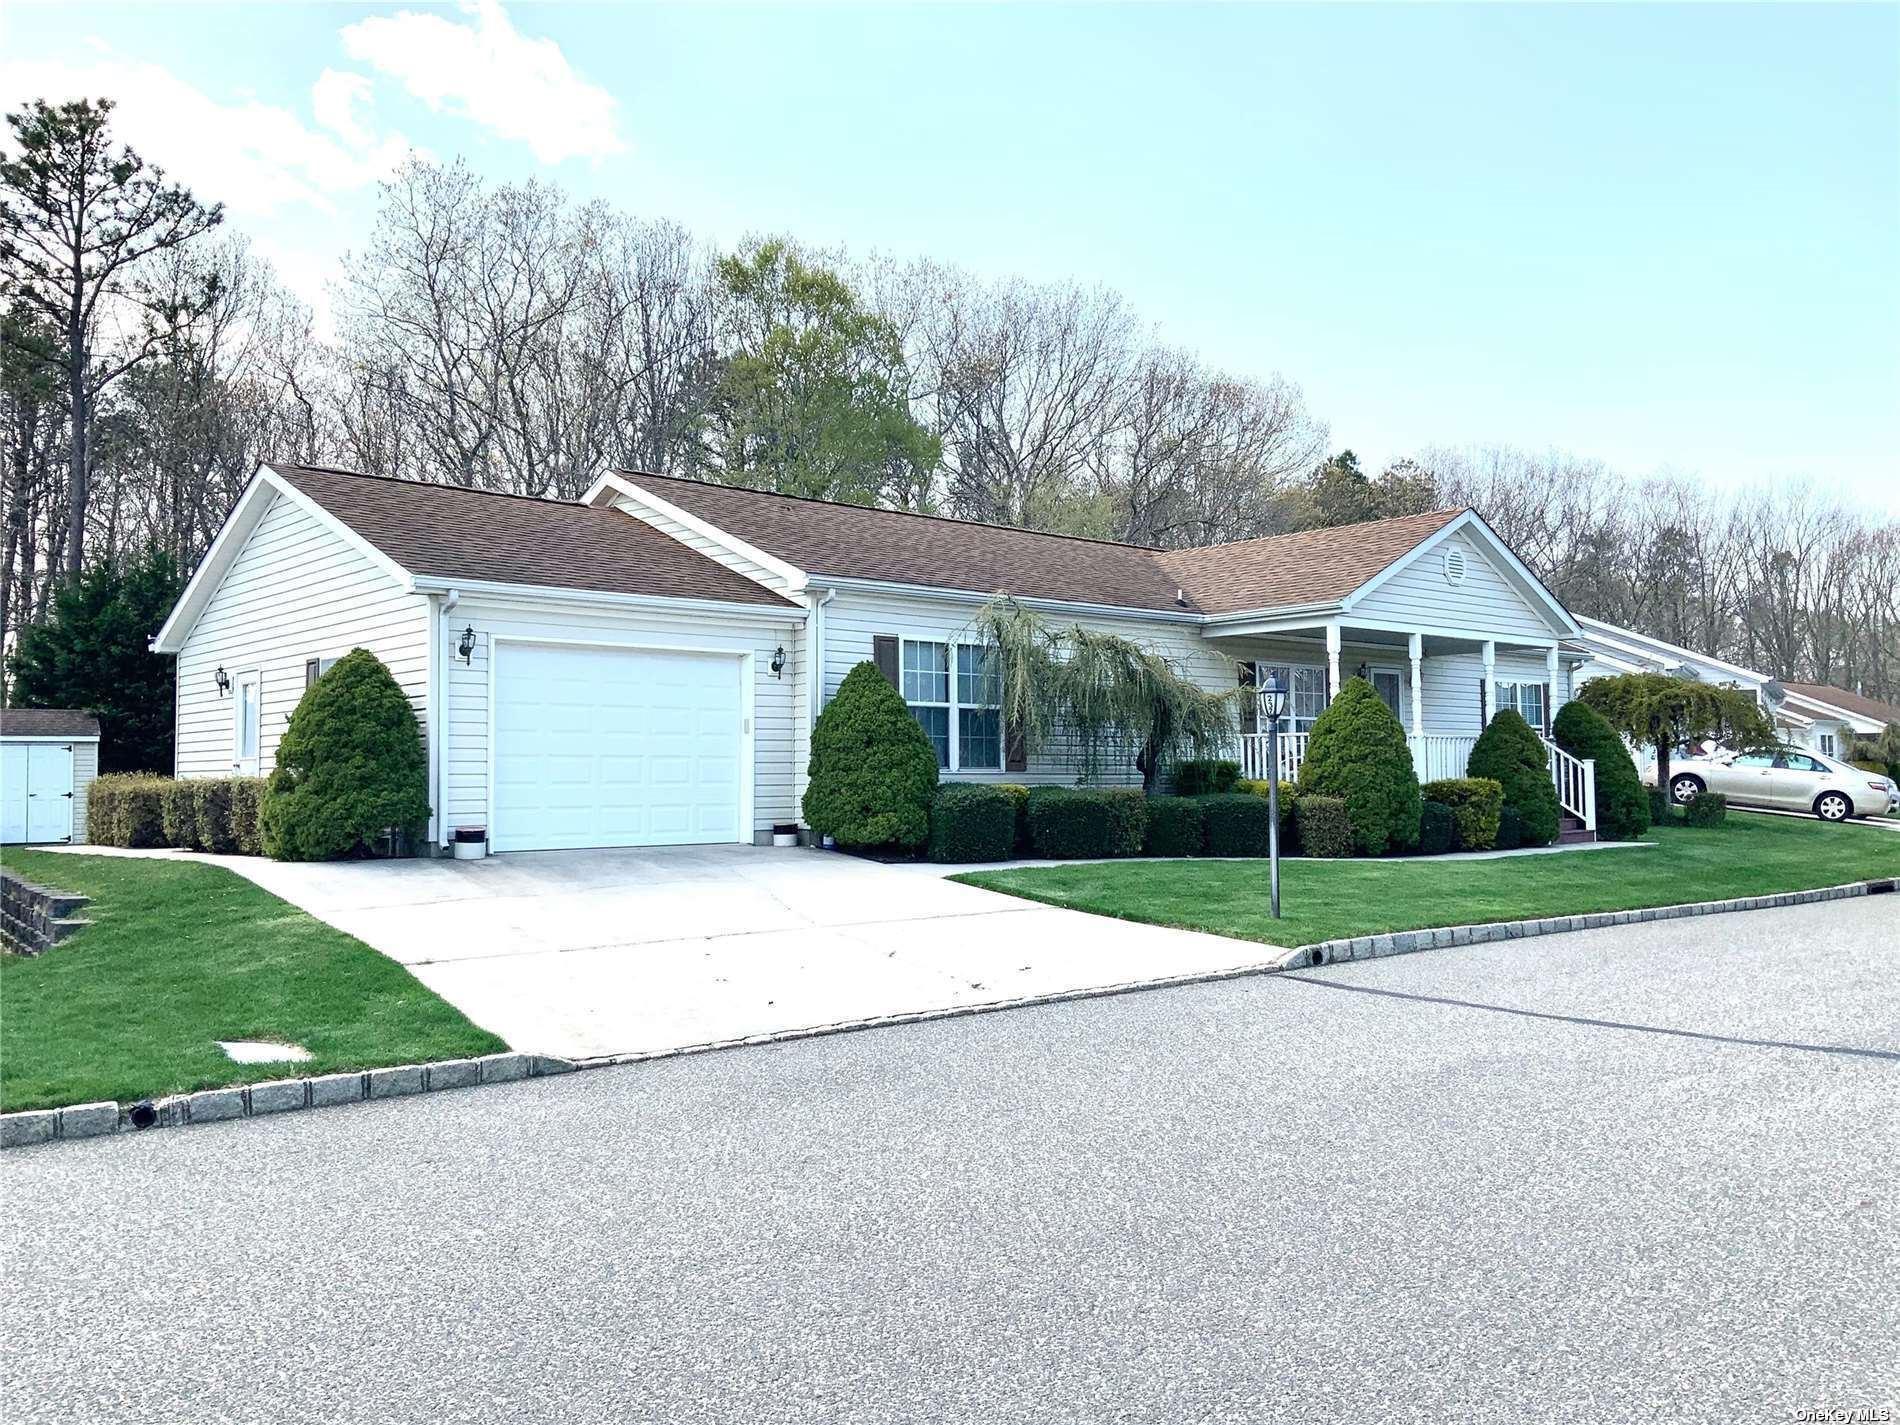 1407-237 Middle Road, Calverton, NY 11933 - MLS#: 3308975